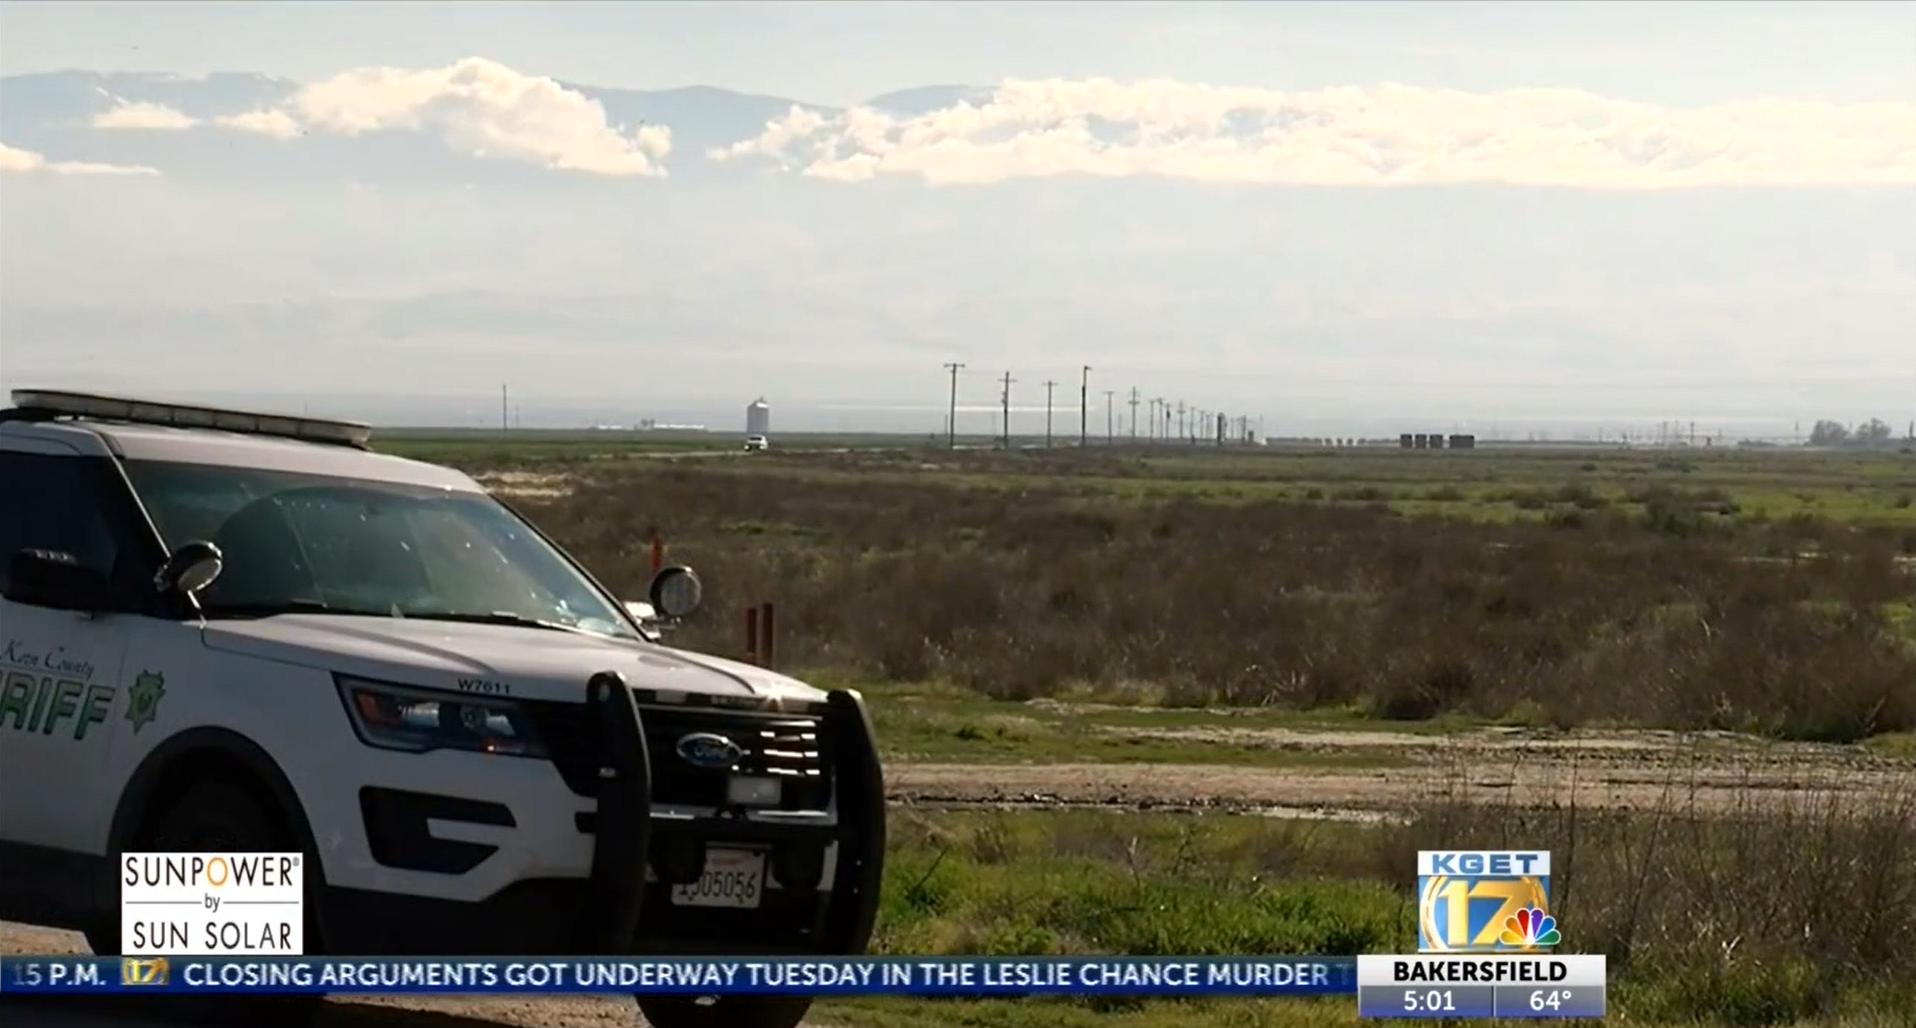 Hazmat Leak in California Triggers Evacuation